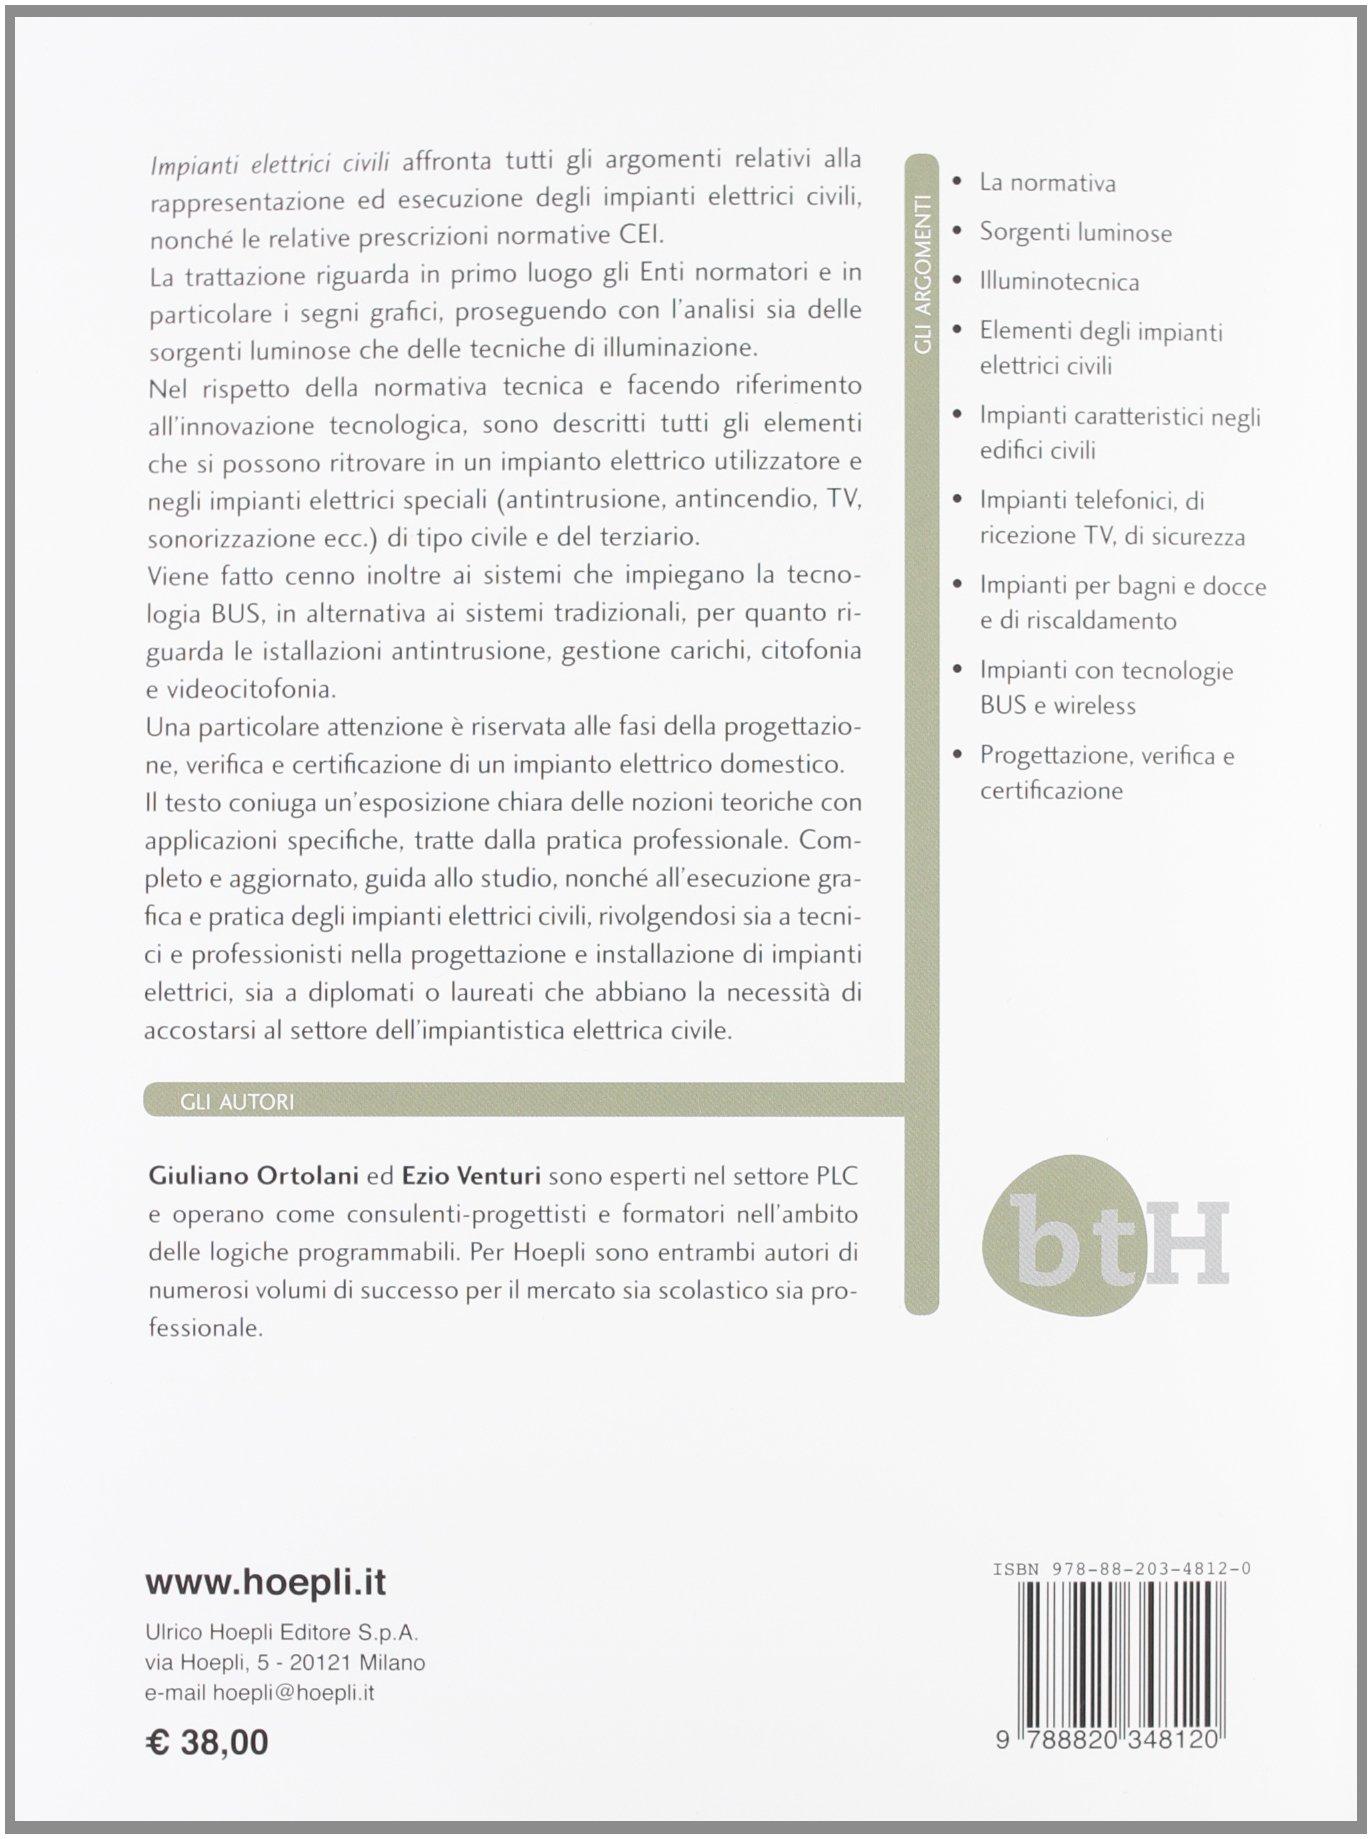 Schemi Elettrici Civili : Impianti elettrici civili schemi e apparecchi nei locali